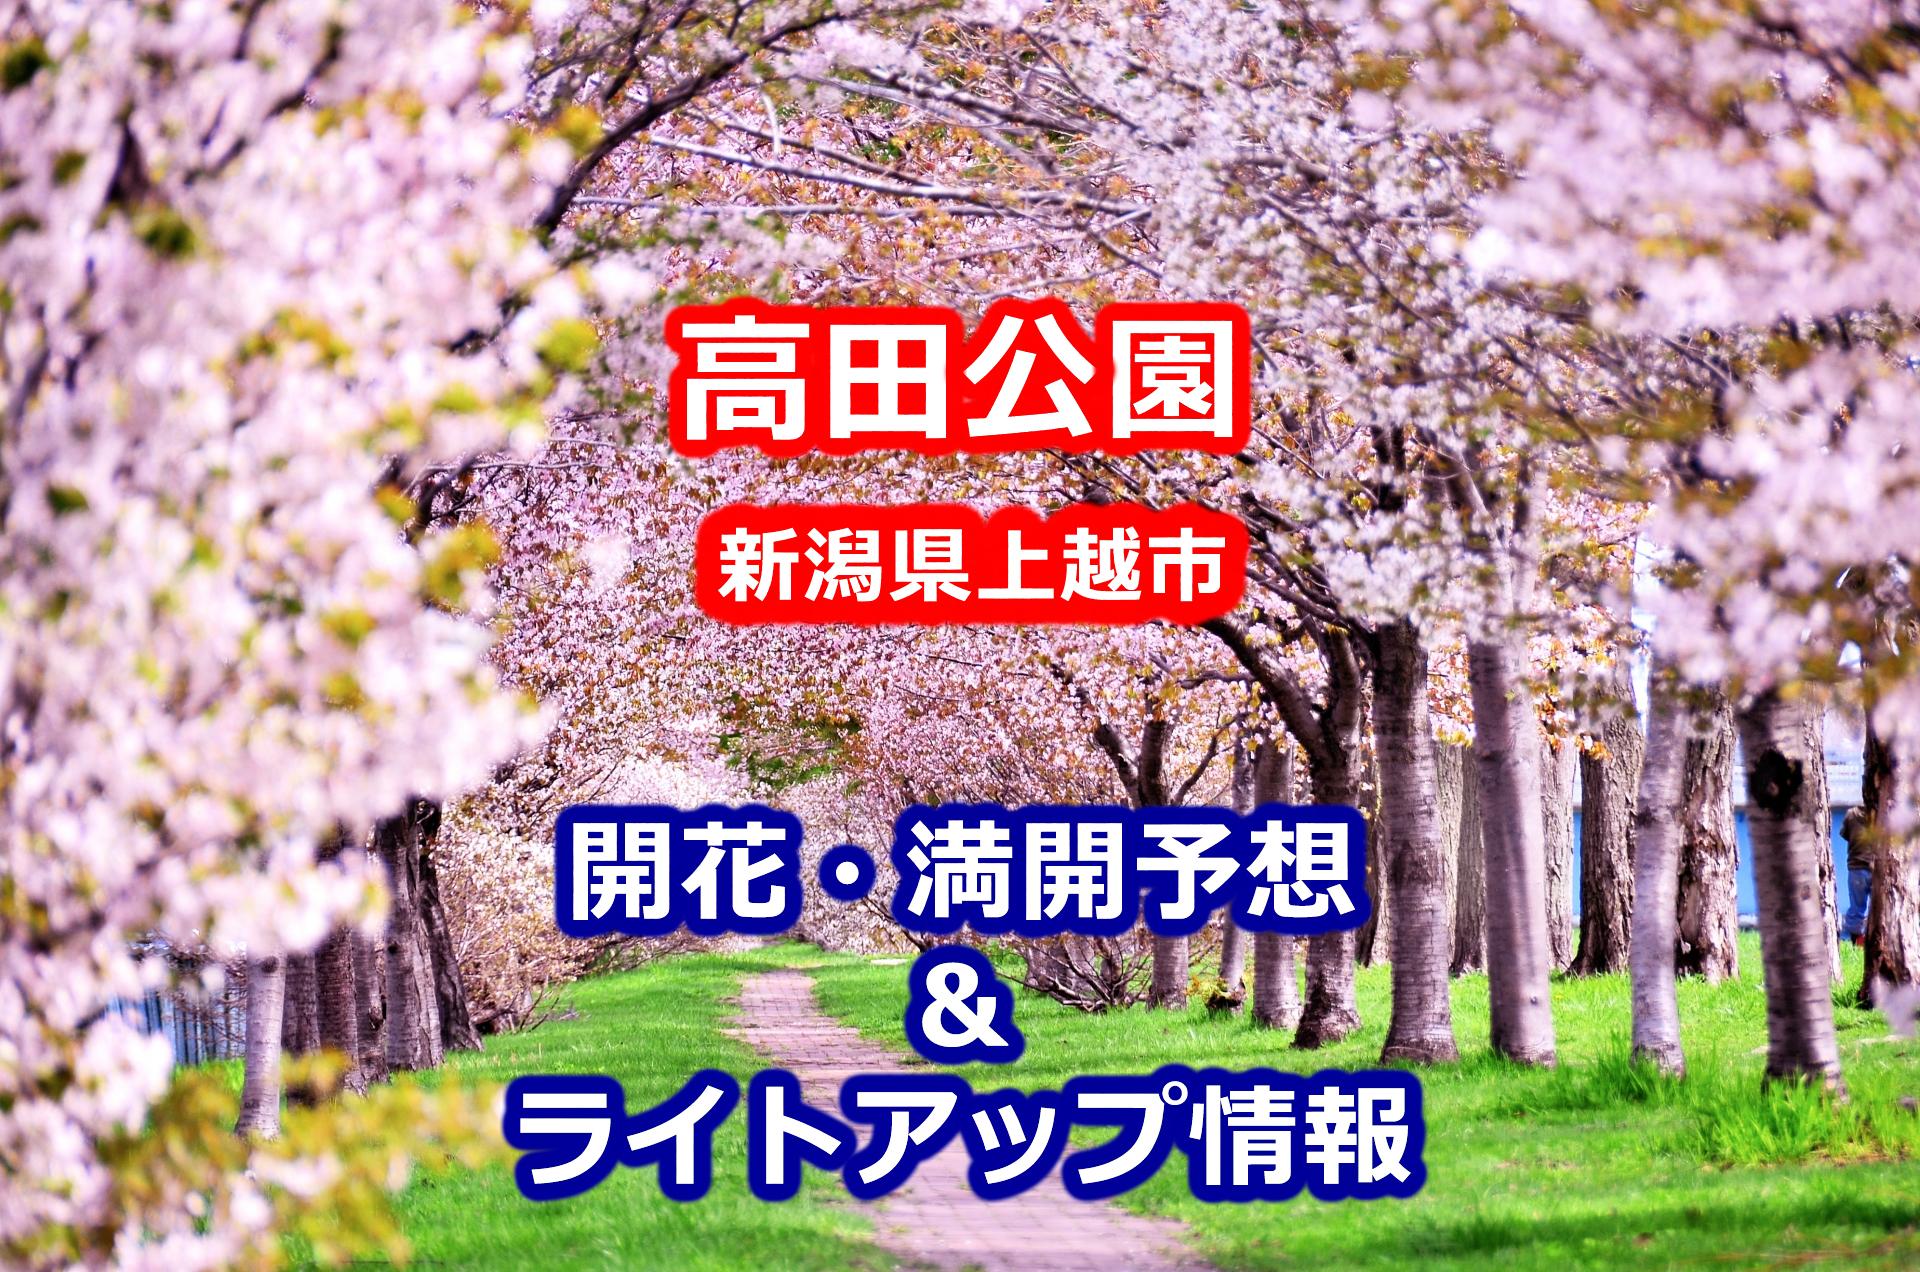 2020年高田公園の桜開花・満開予想とライトアップ情報